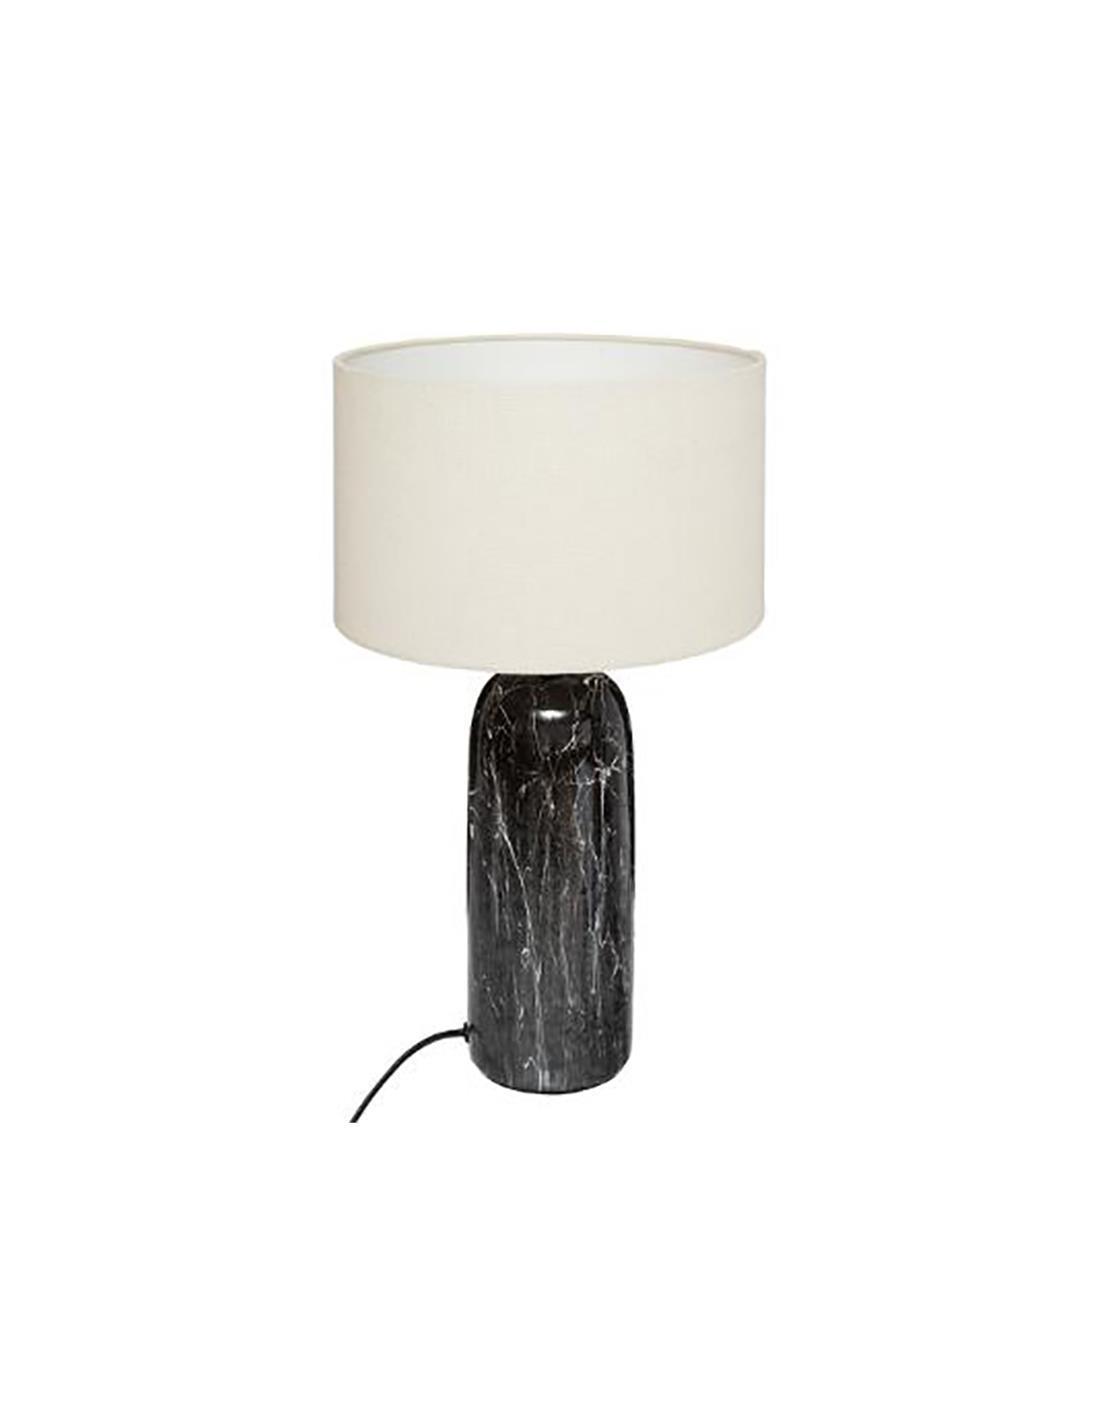 Φωτιστικό επιτραπέζιο μαρμάρινο μαύρο/λευκό 48cm